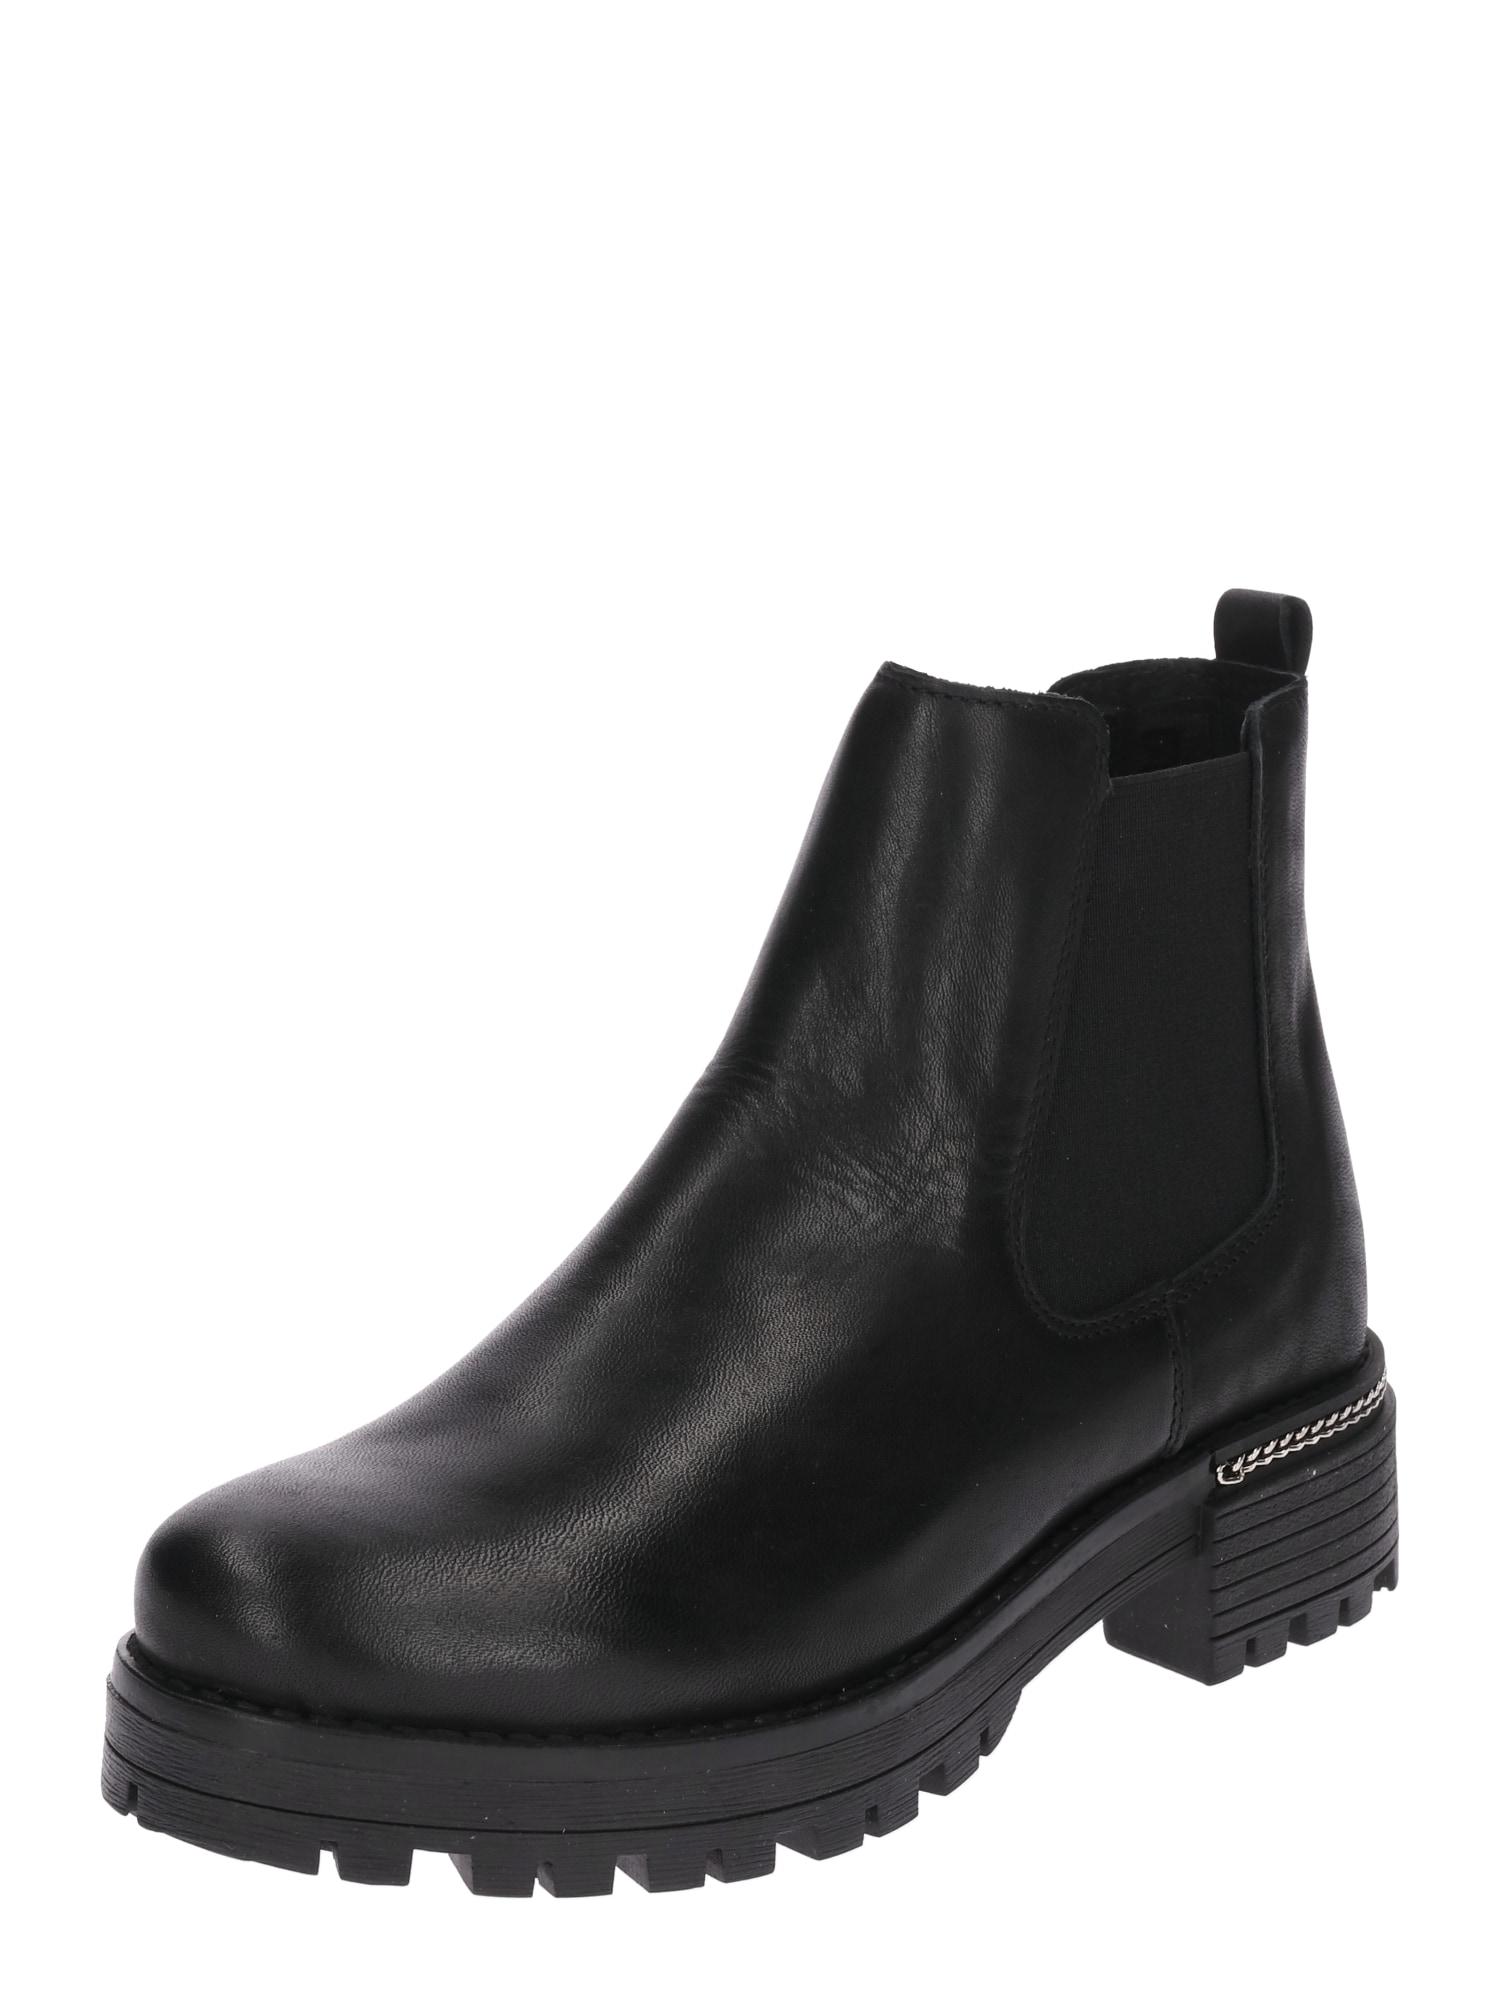 Chelsea boty černá PS Poelman